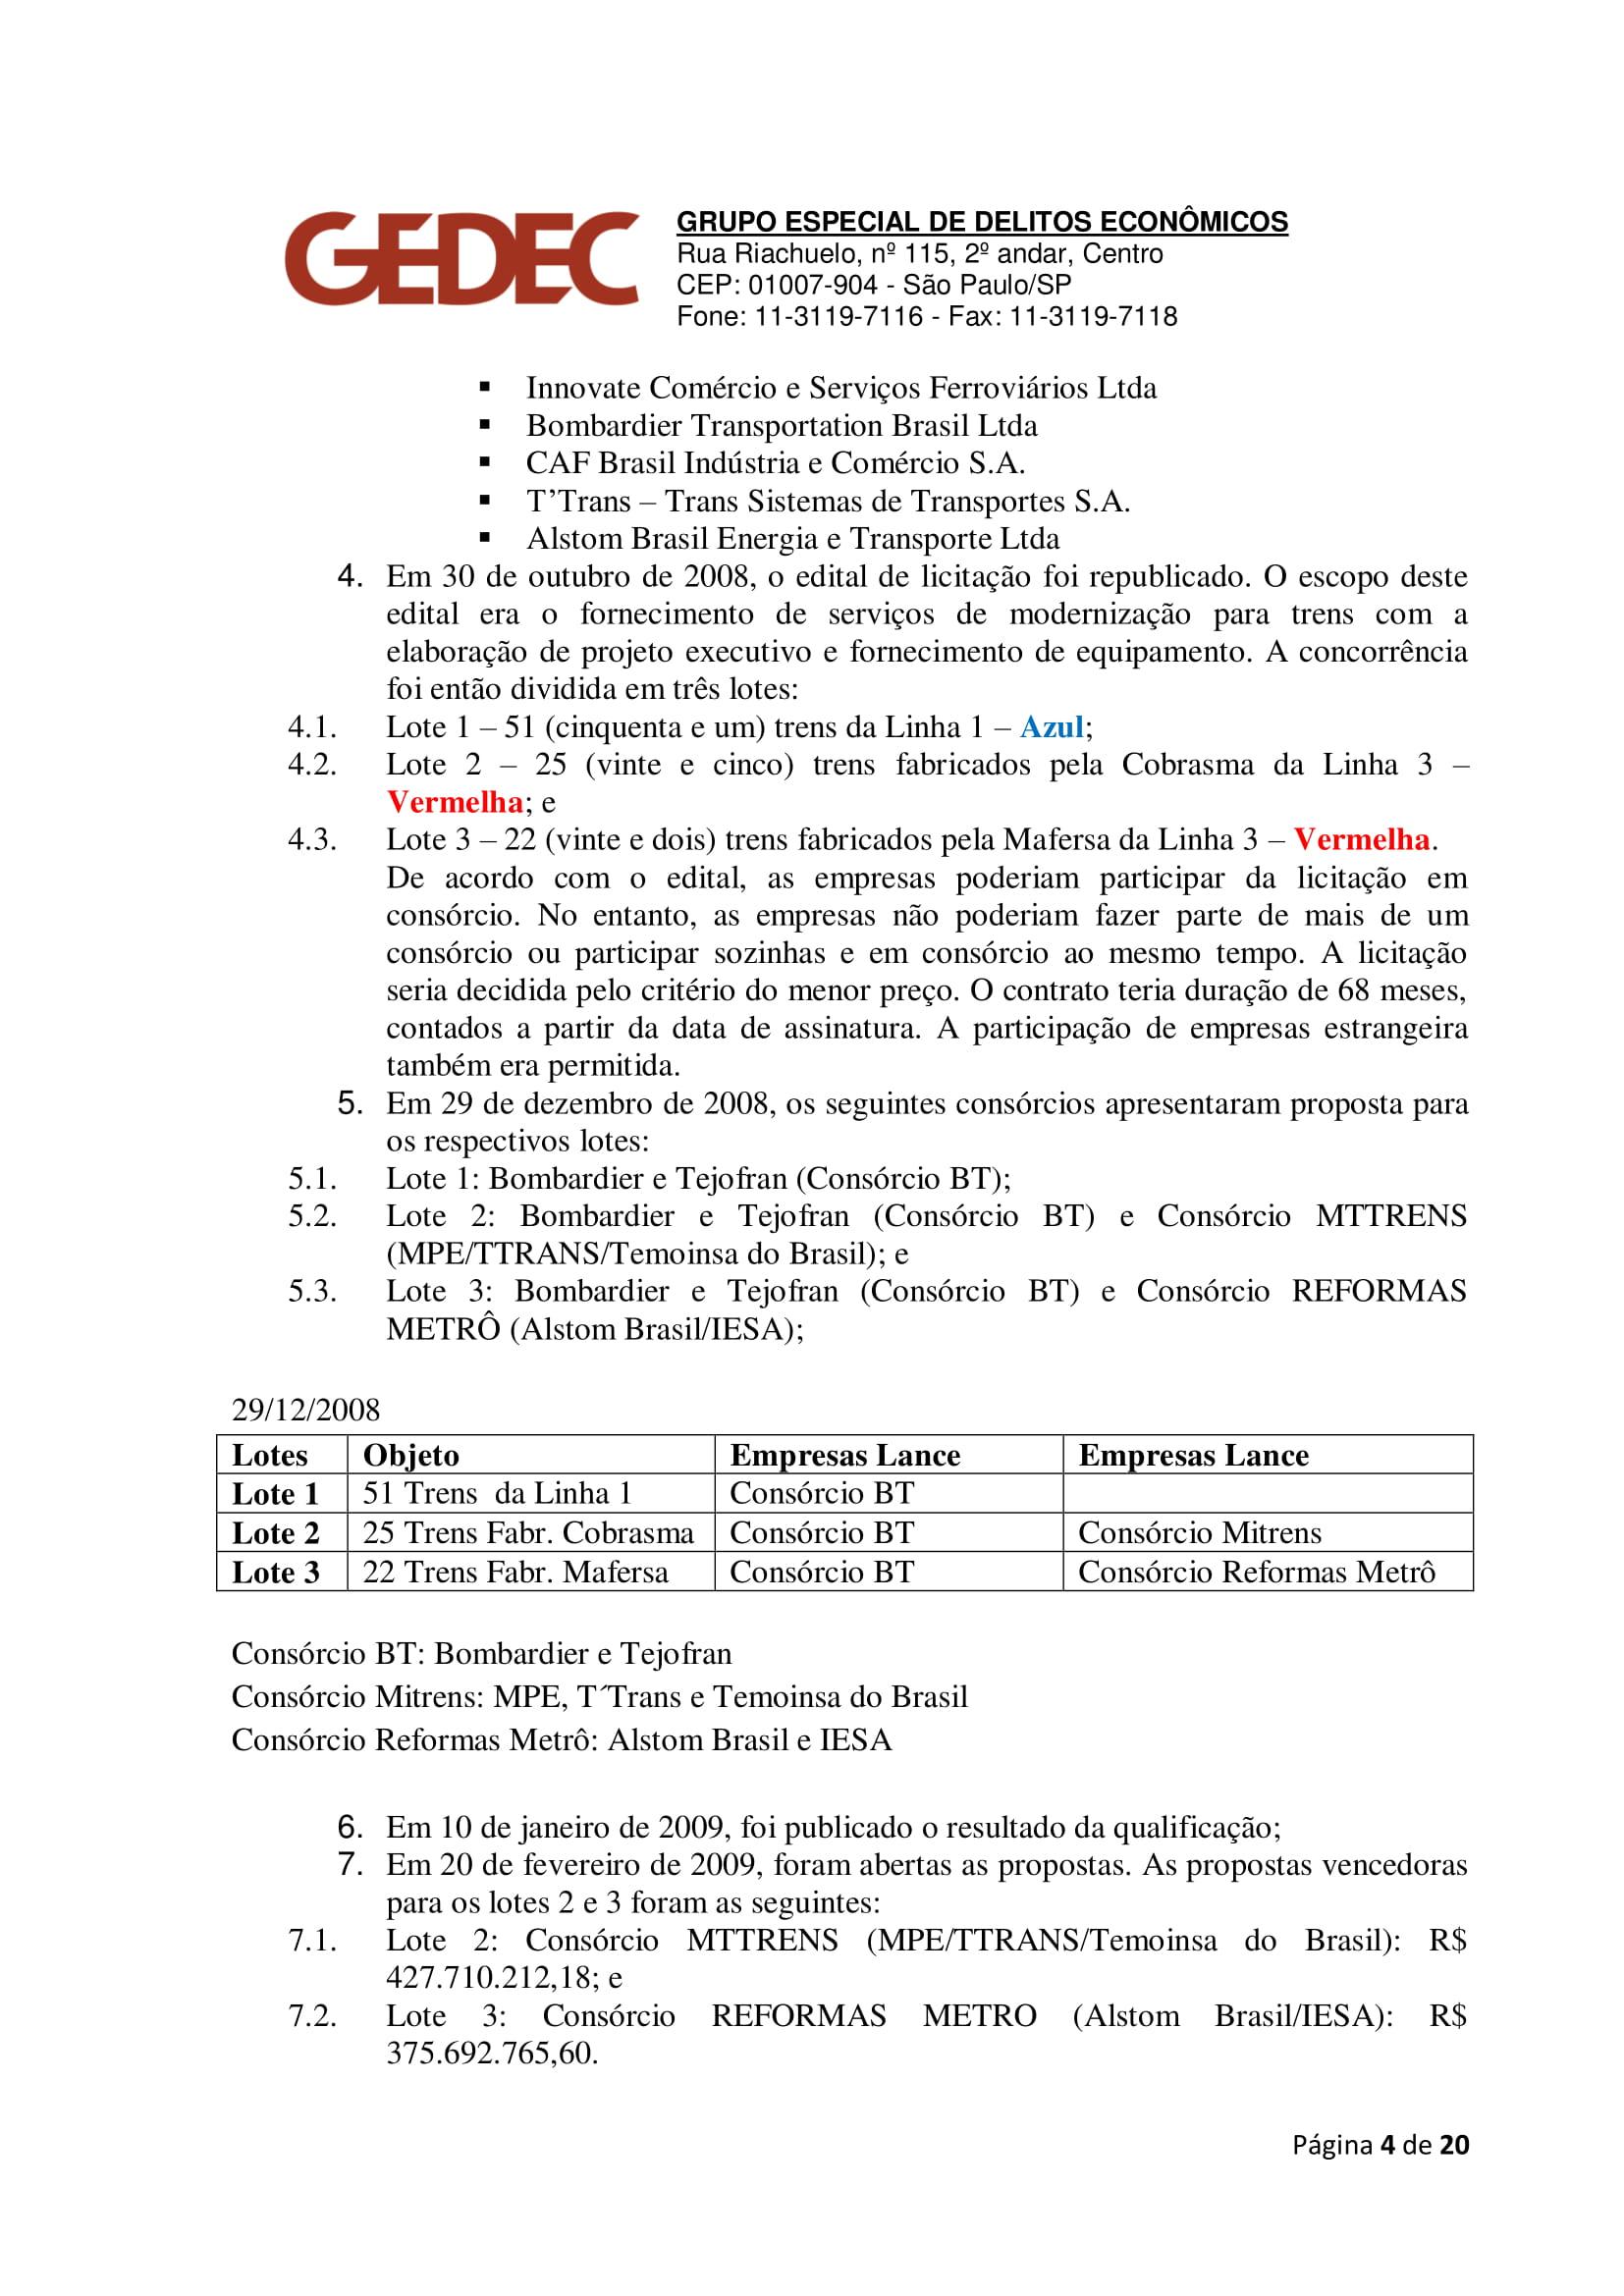 D-Projs-Ref-L1-L3-04